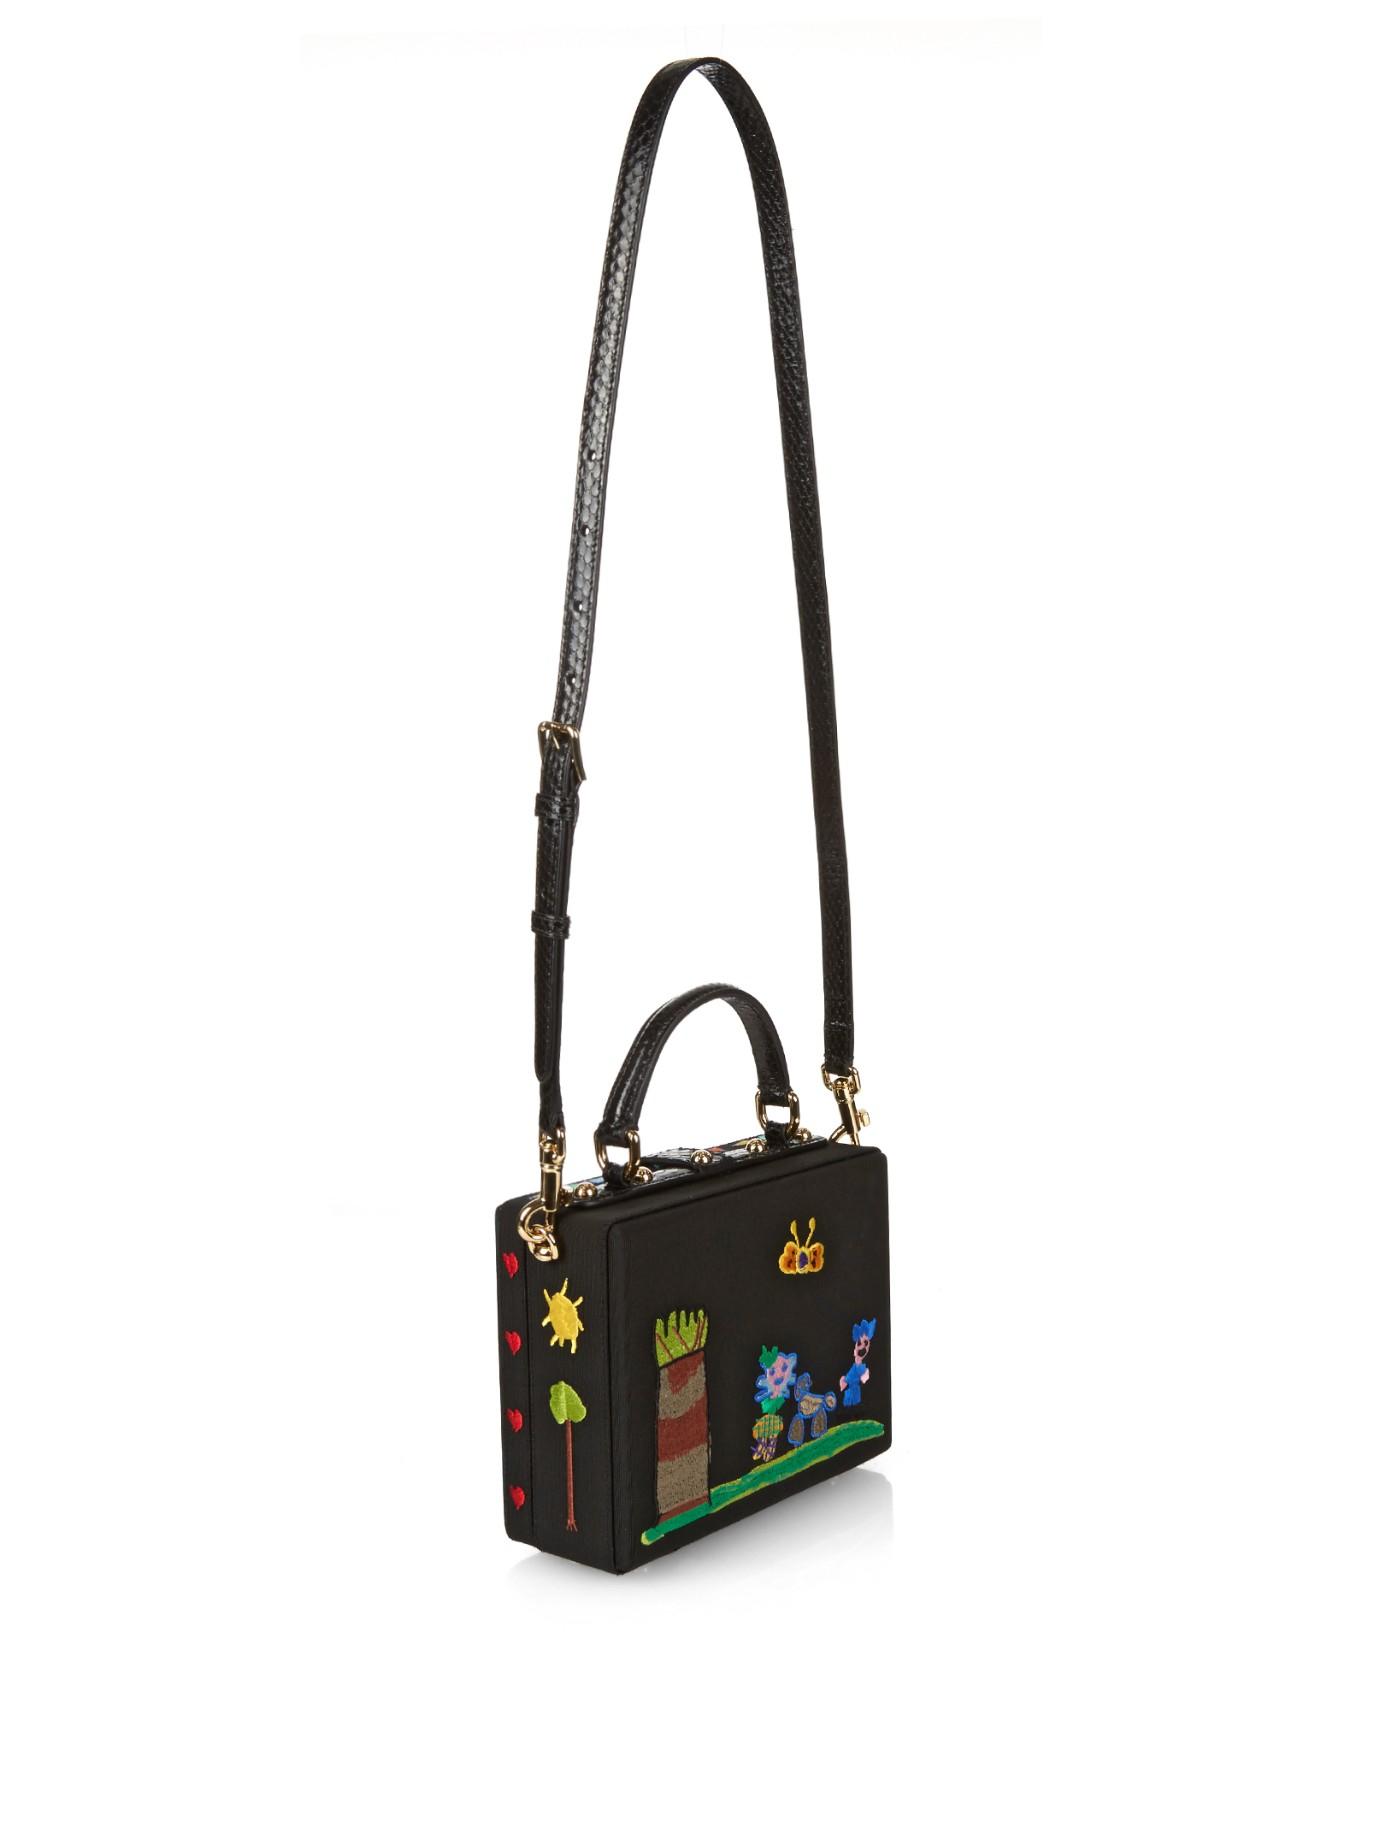 Embellished Leather Box Tote Dolce & Gabbana pSuk3